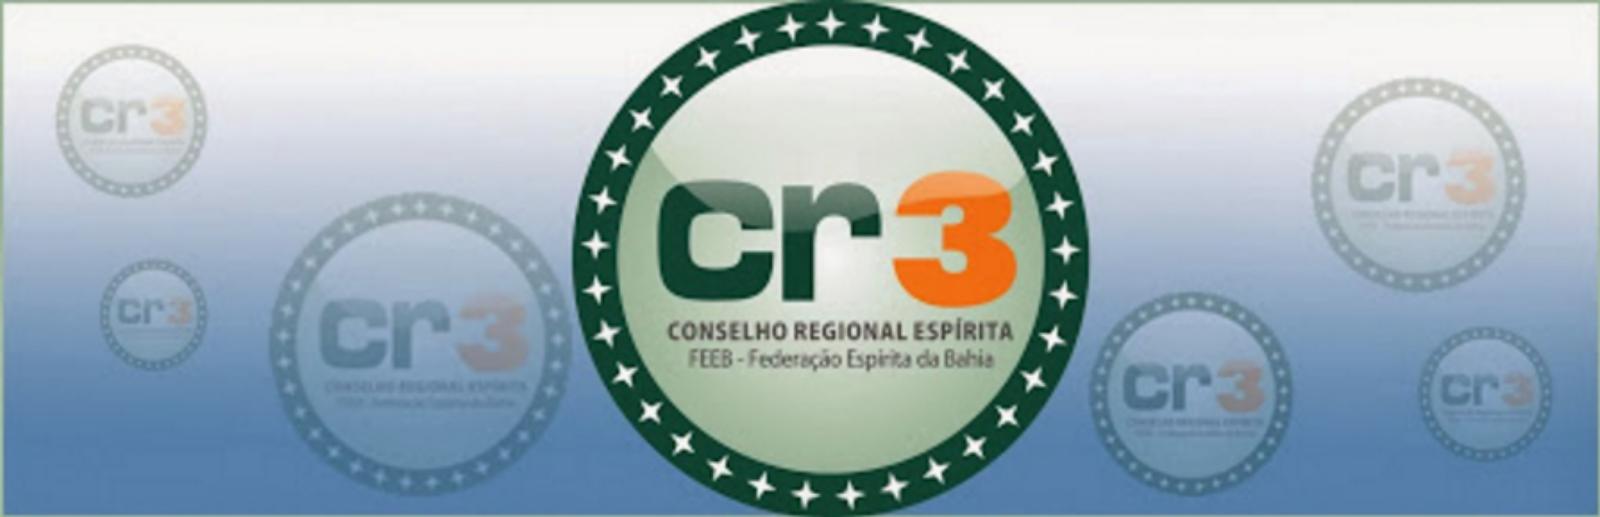 Conselho Regional Espírita 3 (CR3)